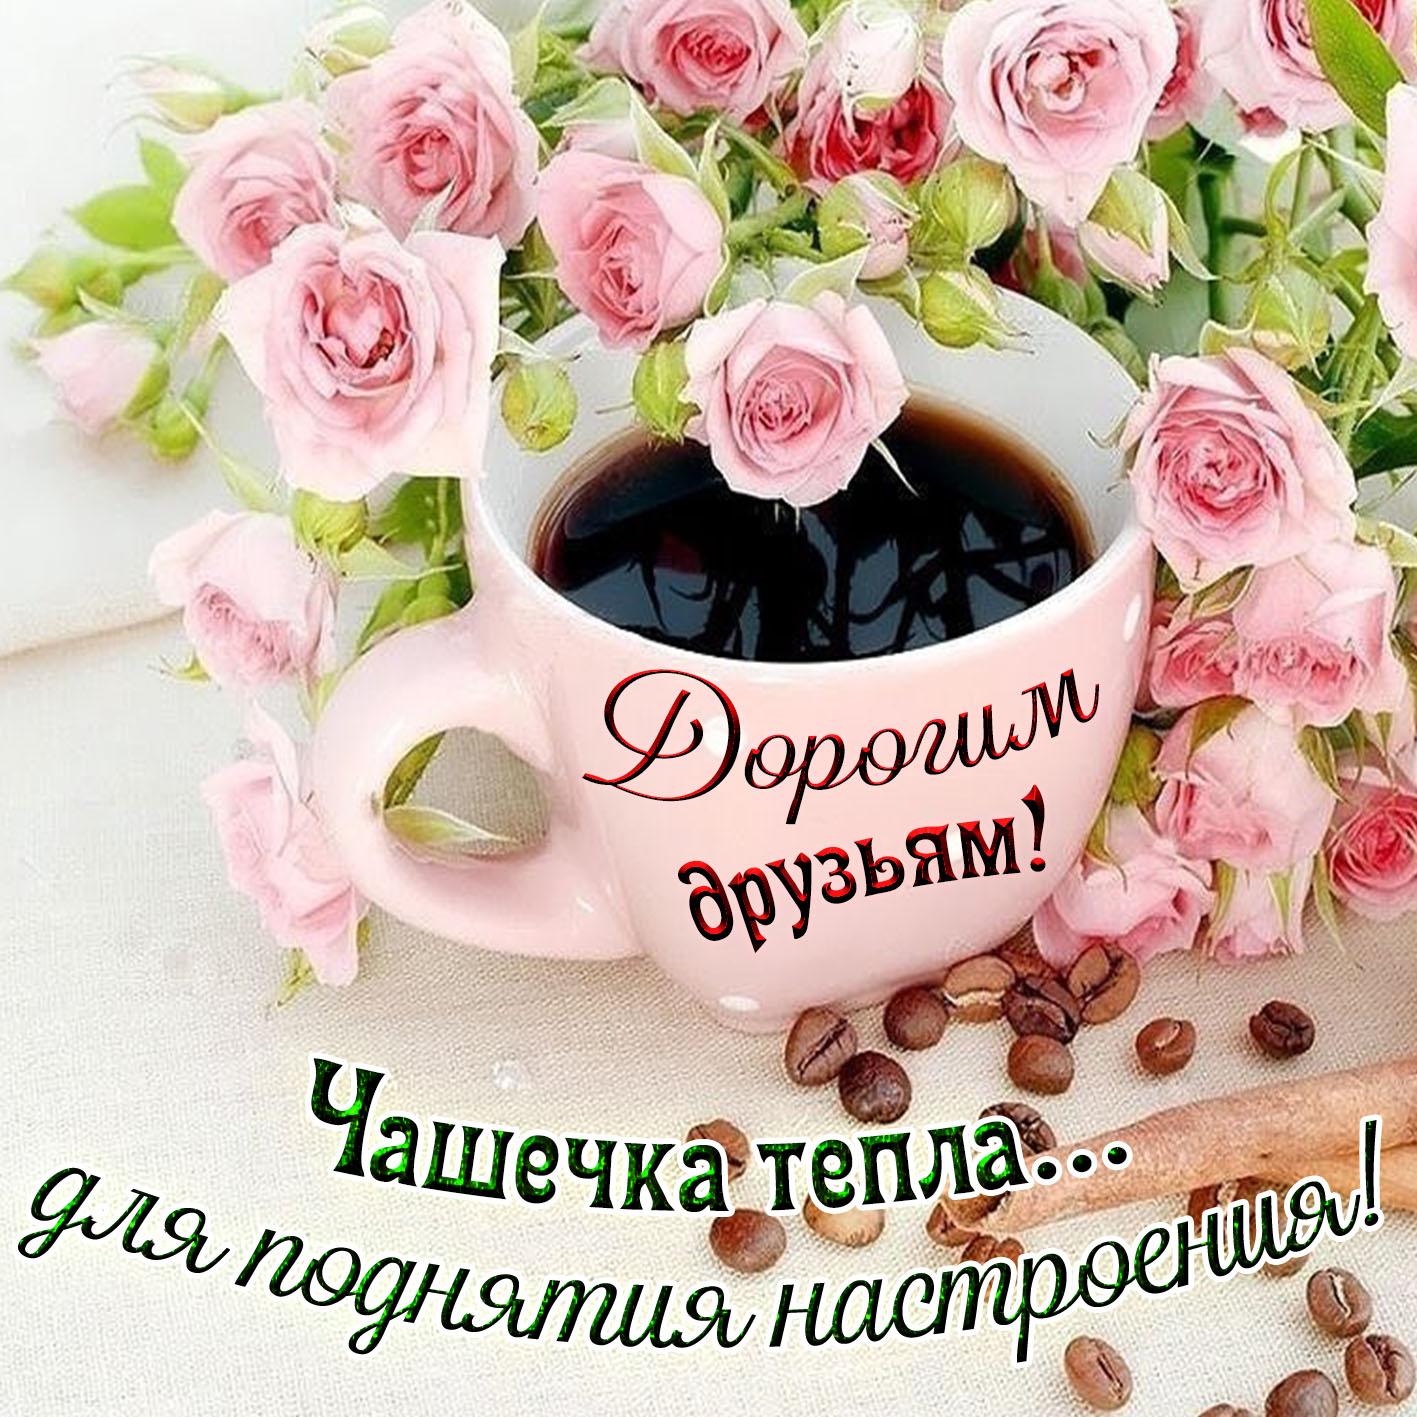 фото доброго утра и дня замечательного друзья пропитанные